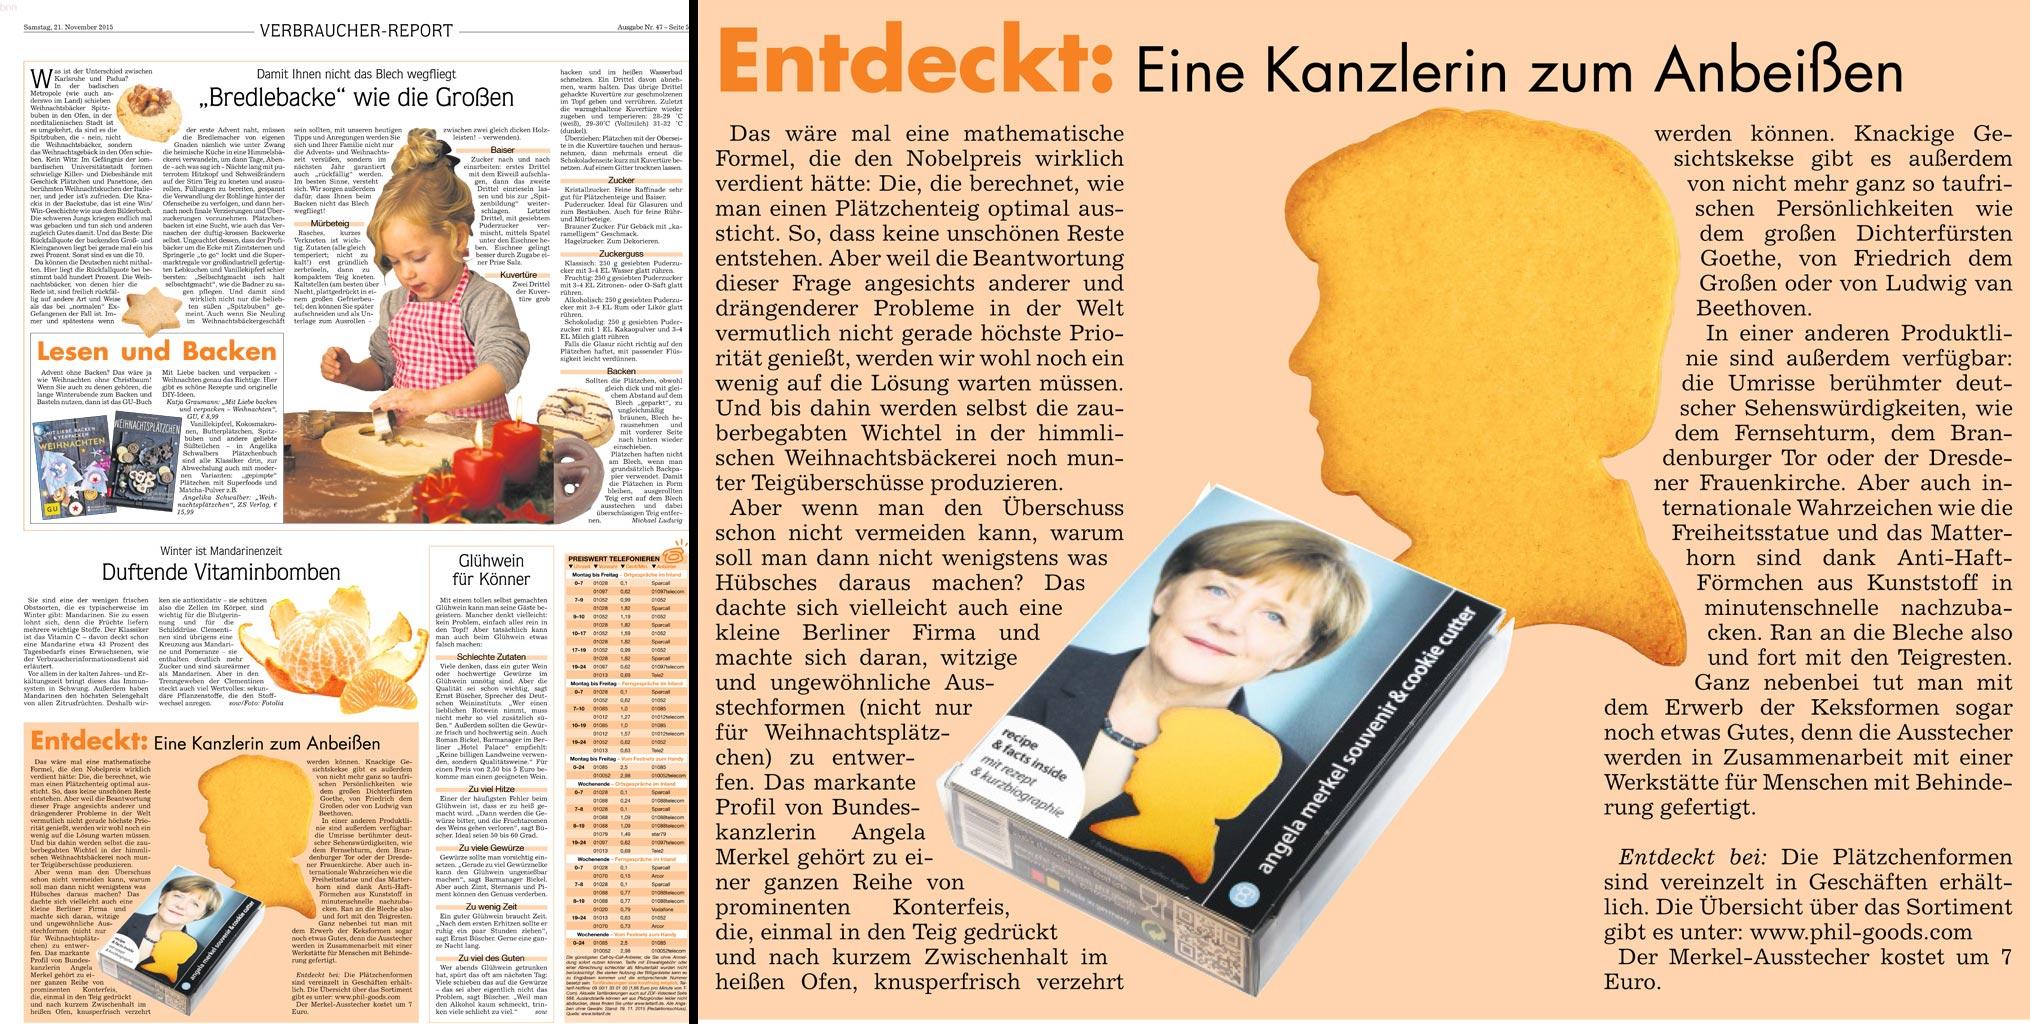 Badische Neueste Nachrichten 11 / 2015